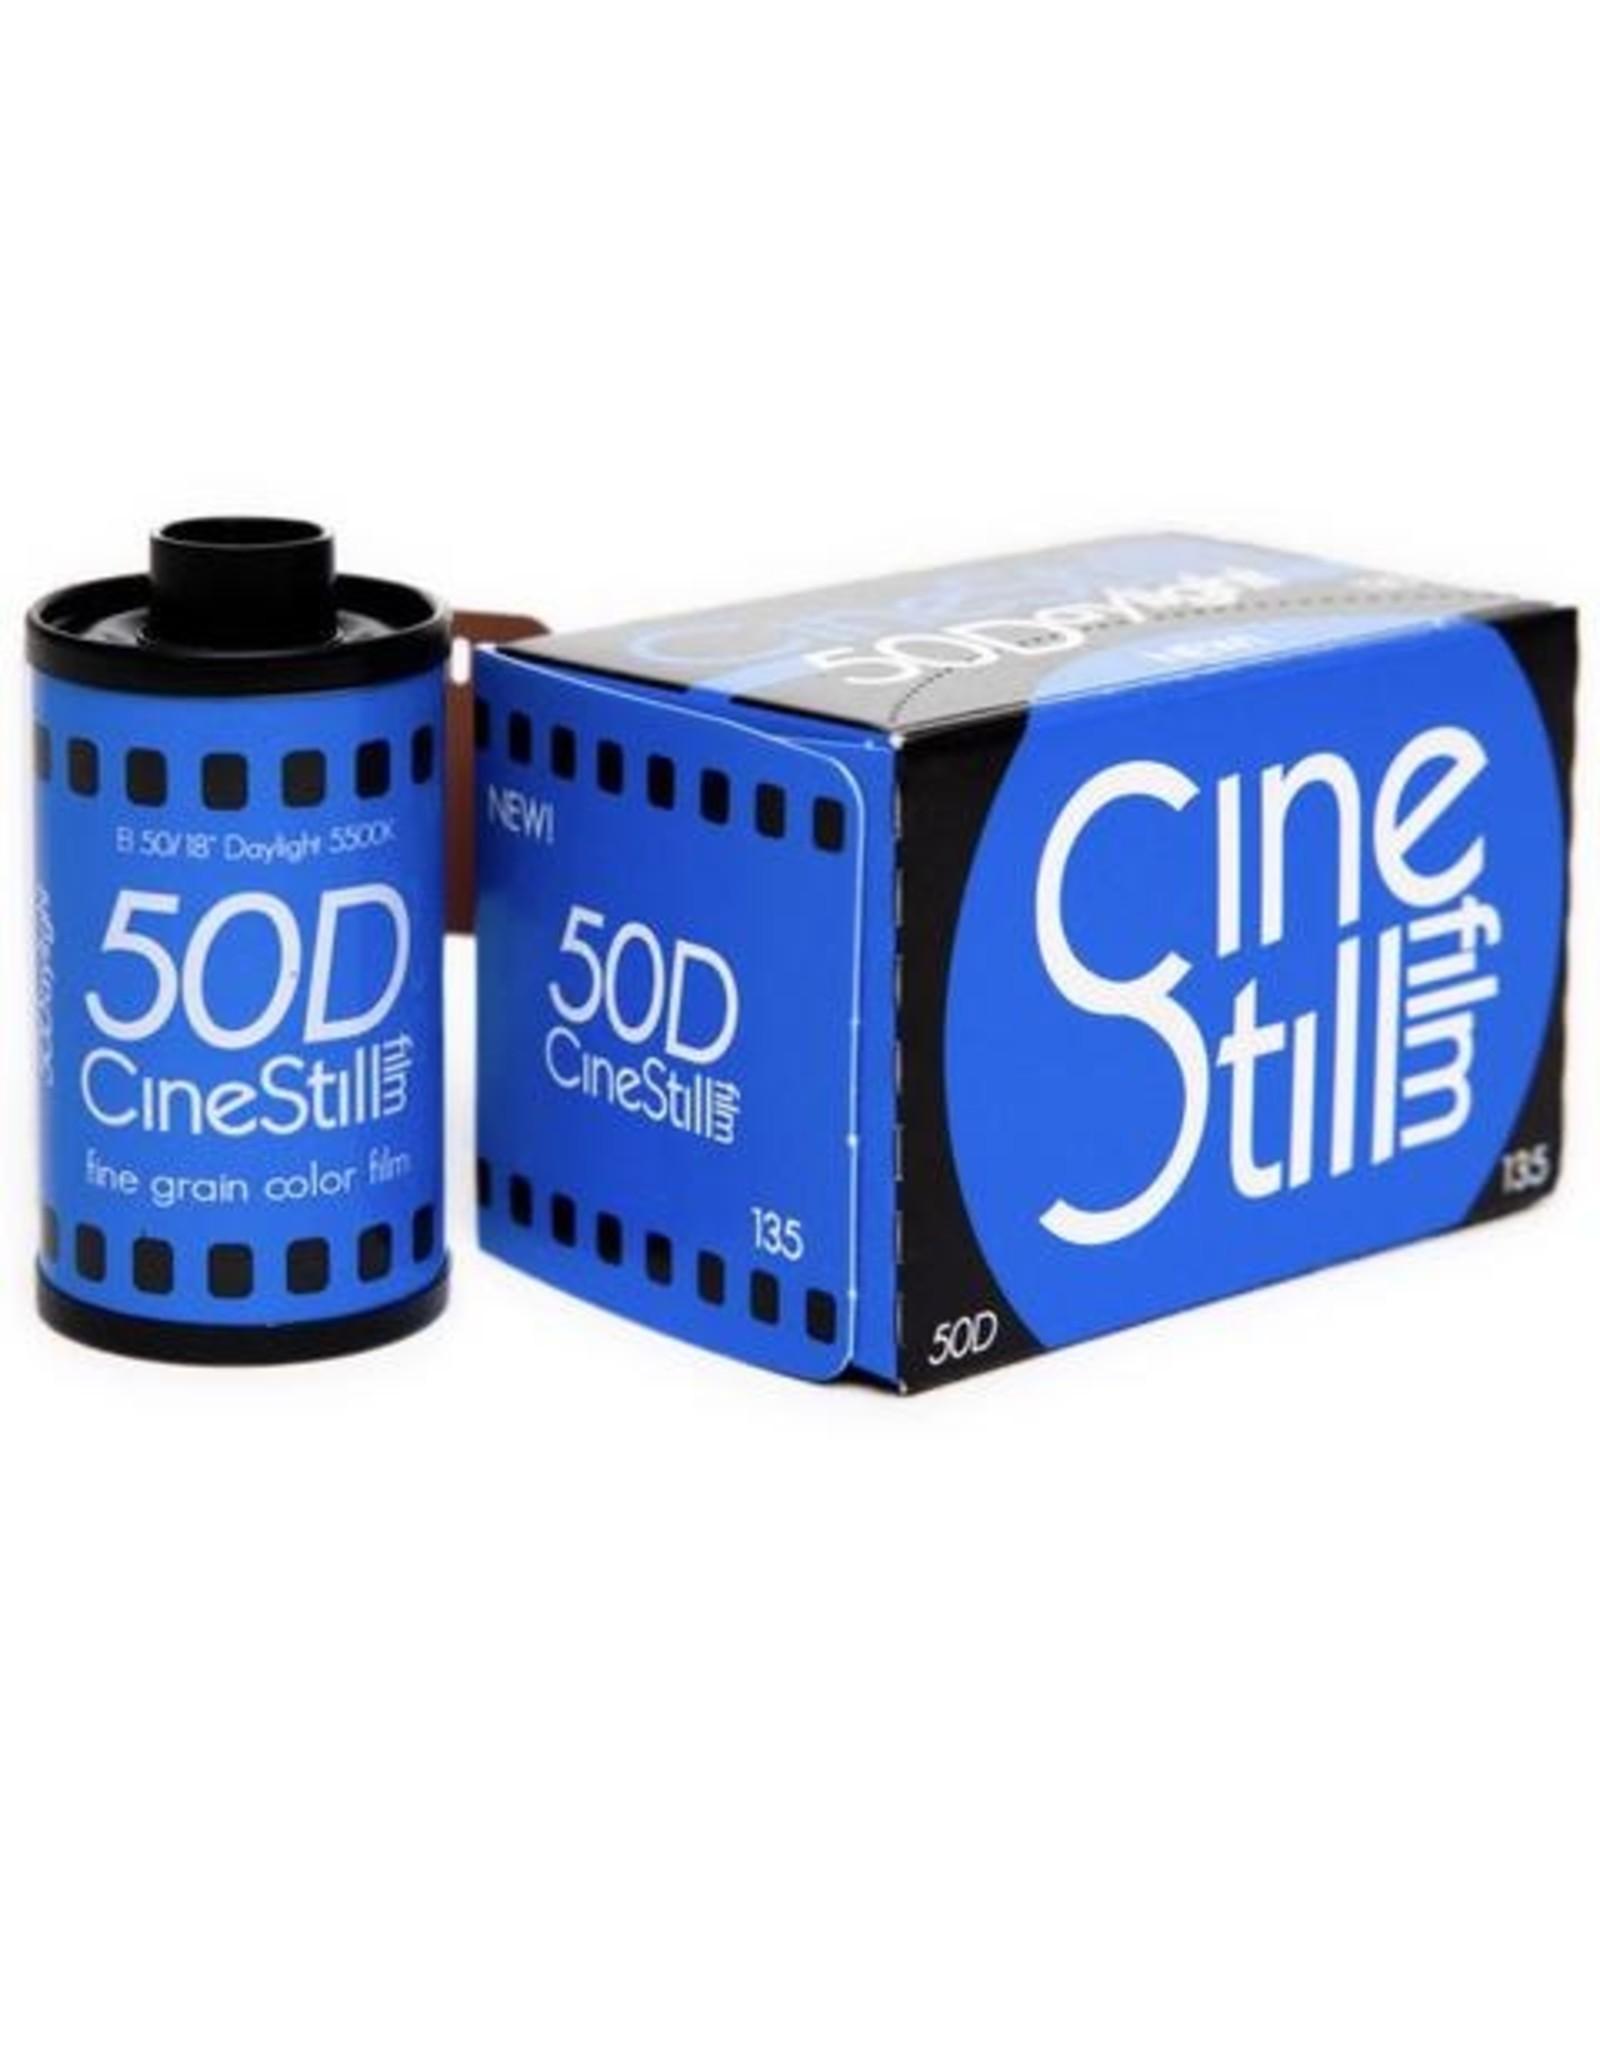 CineStill CineStill 50 Daylight (50D) Xpro 135/36 exp.